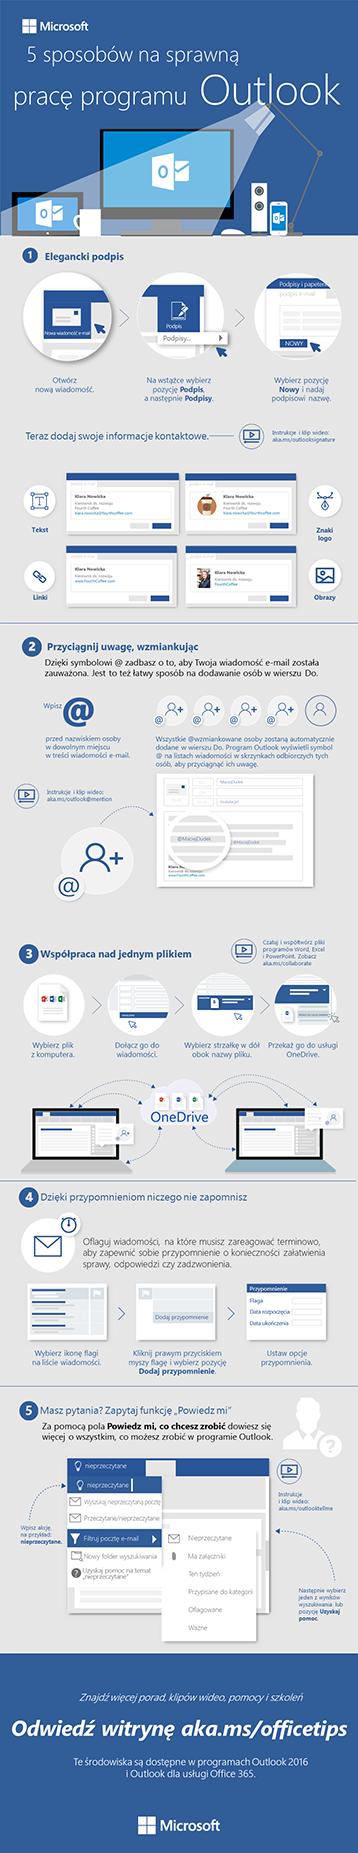 5 kroków do lepszej poczty e-mail w programie Outlook 2016